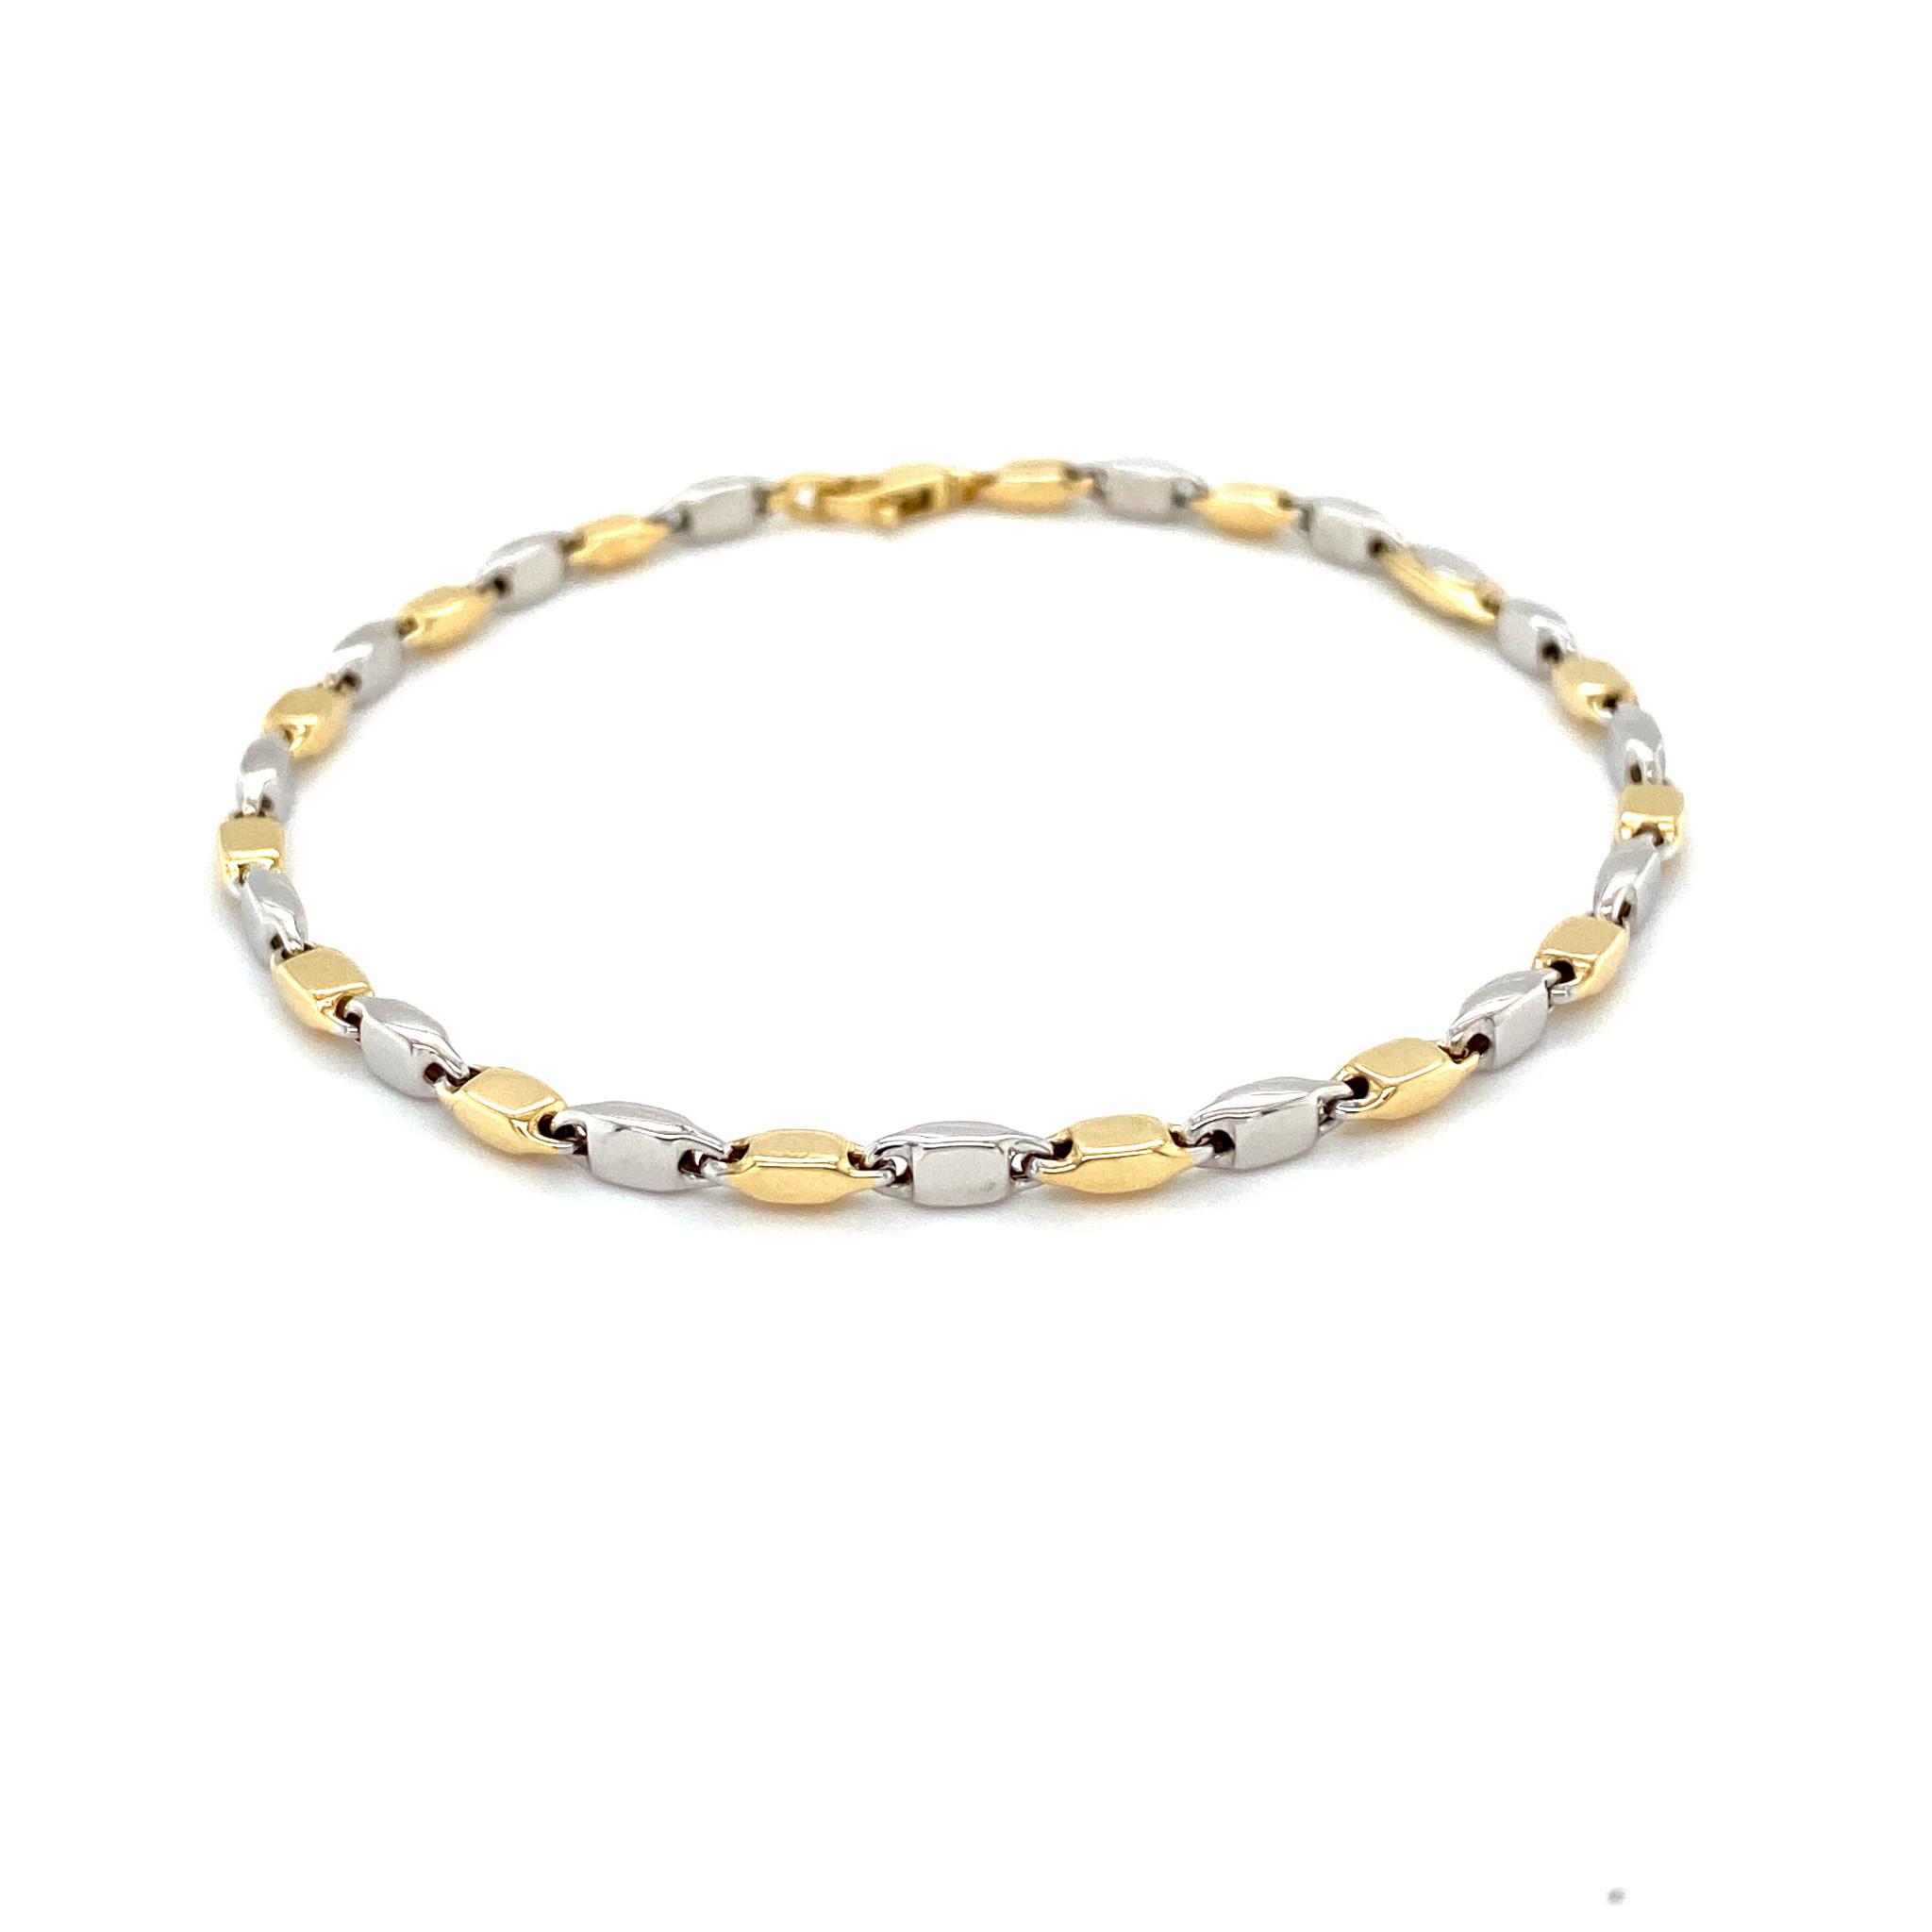 Monzario Oro Monzario aarmband 1182Abic 19cm wit/geelgoud 14k.